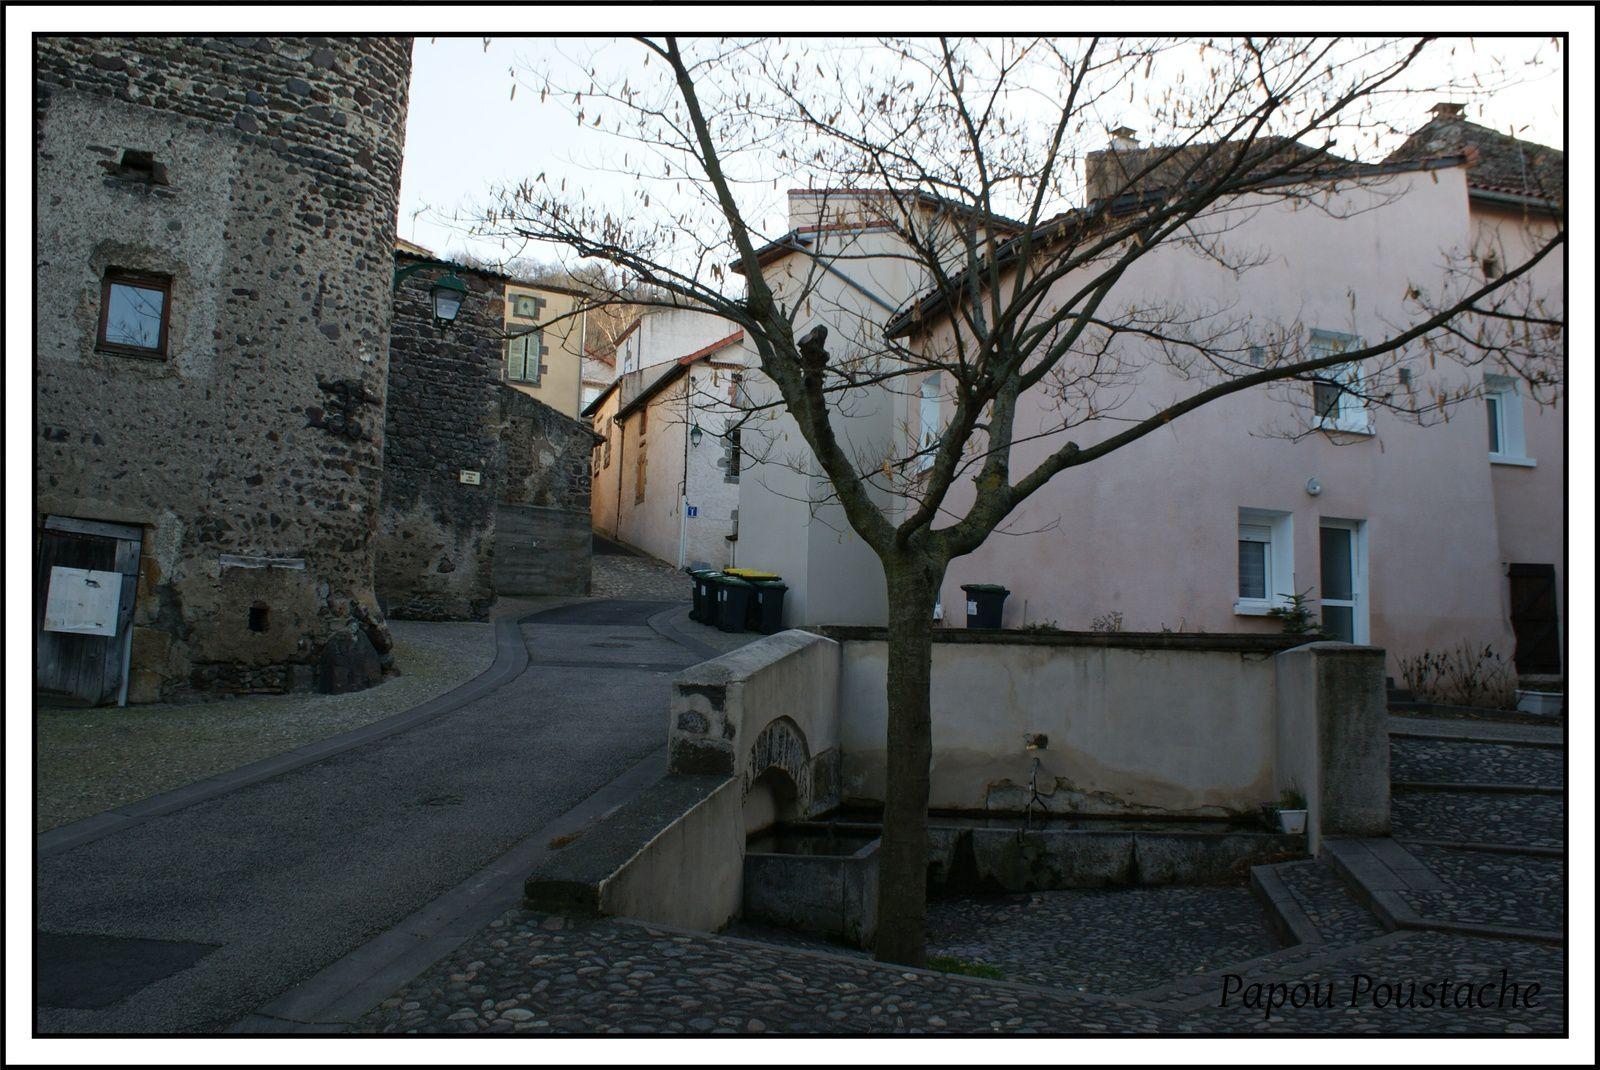 Les hameaux du Puy de Dome:Soulasse